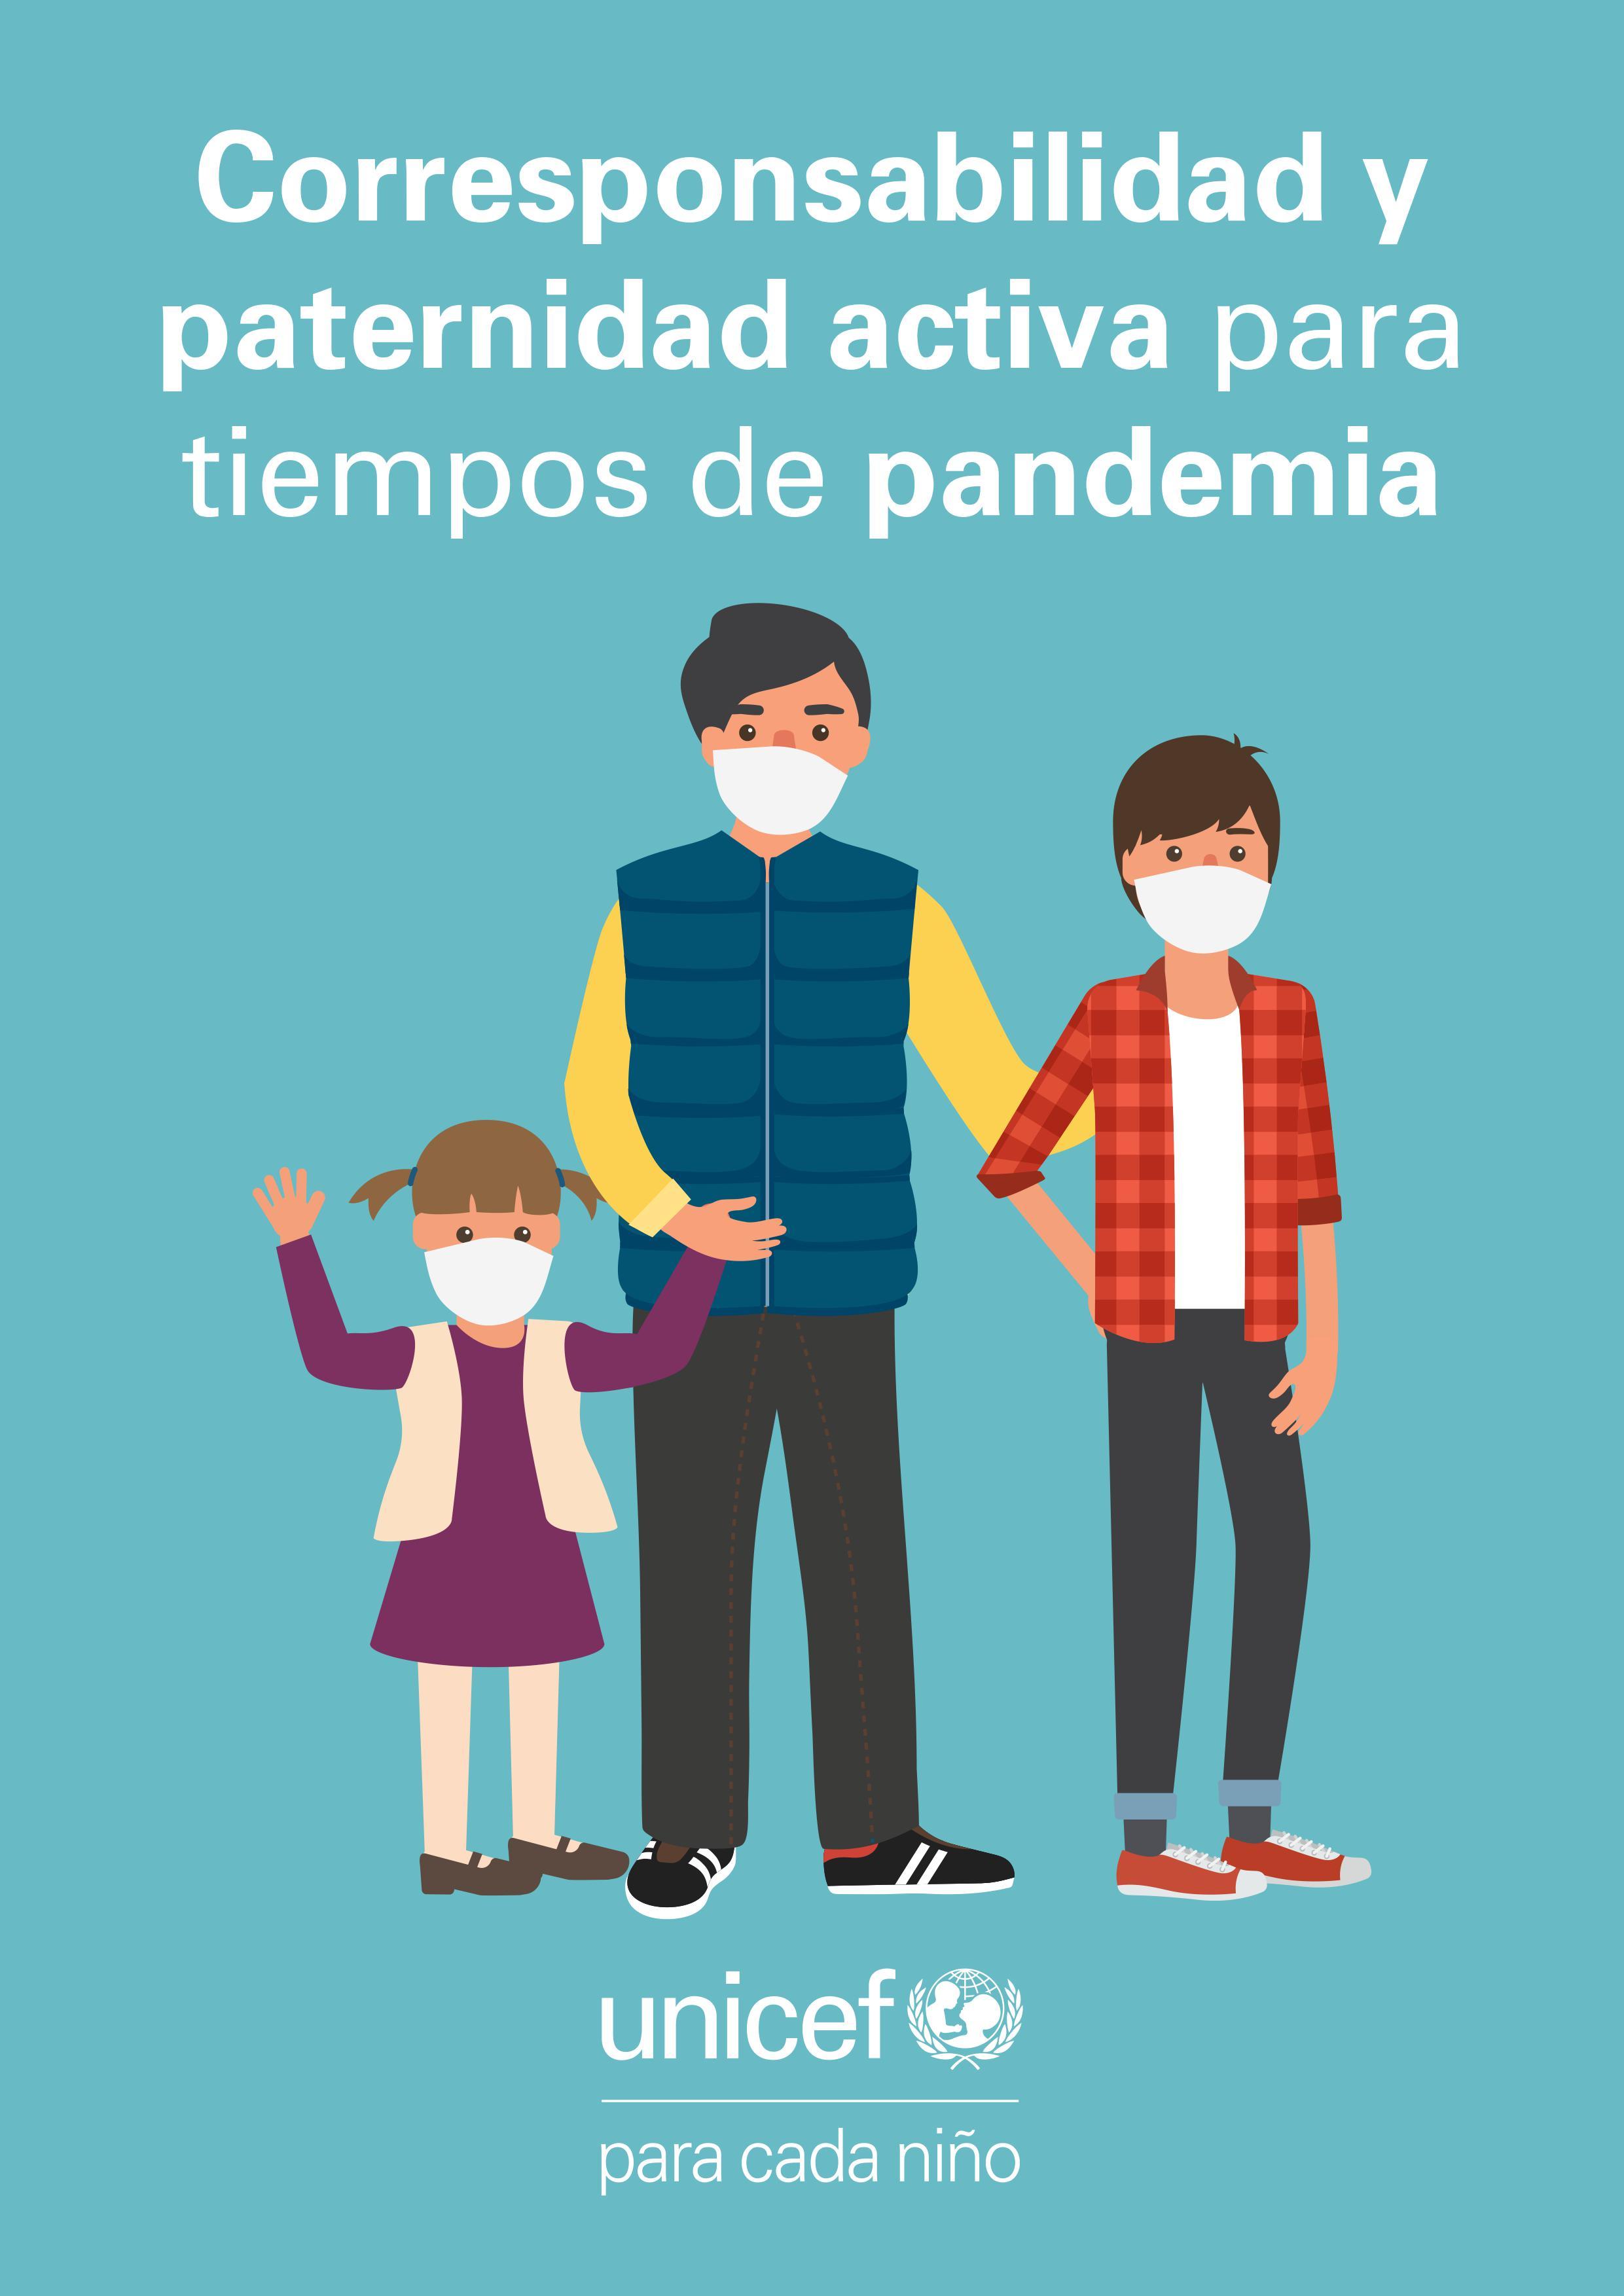 Boletín N°11: Parentalidad positiva: El rol de la paternidad en tiempos de pandemia